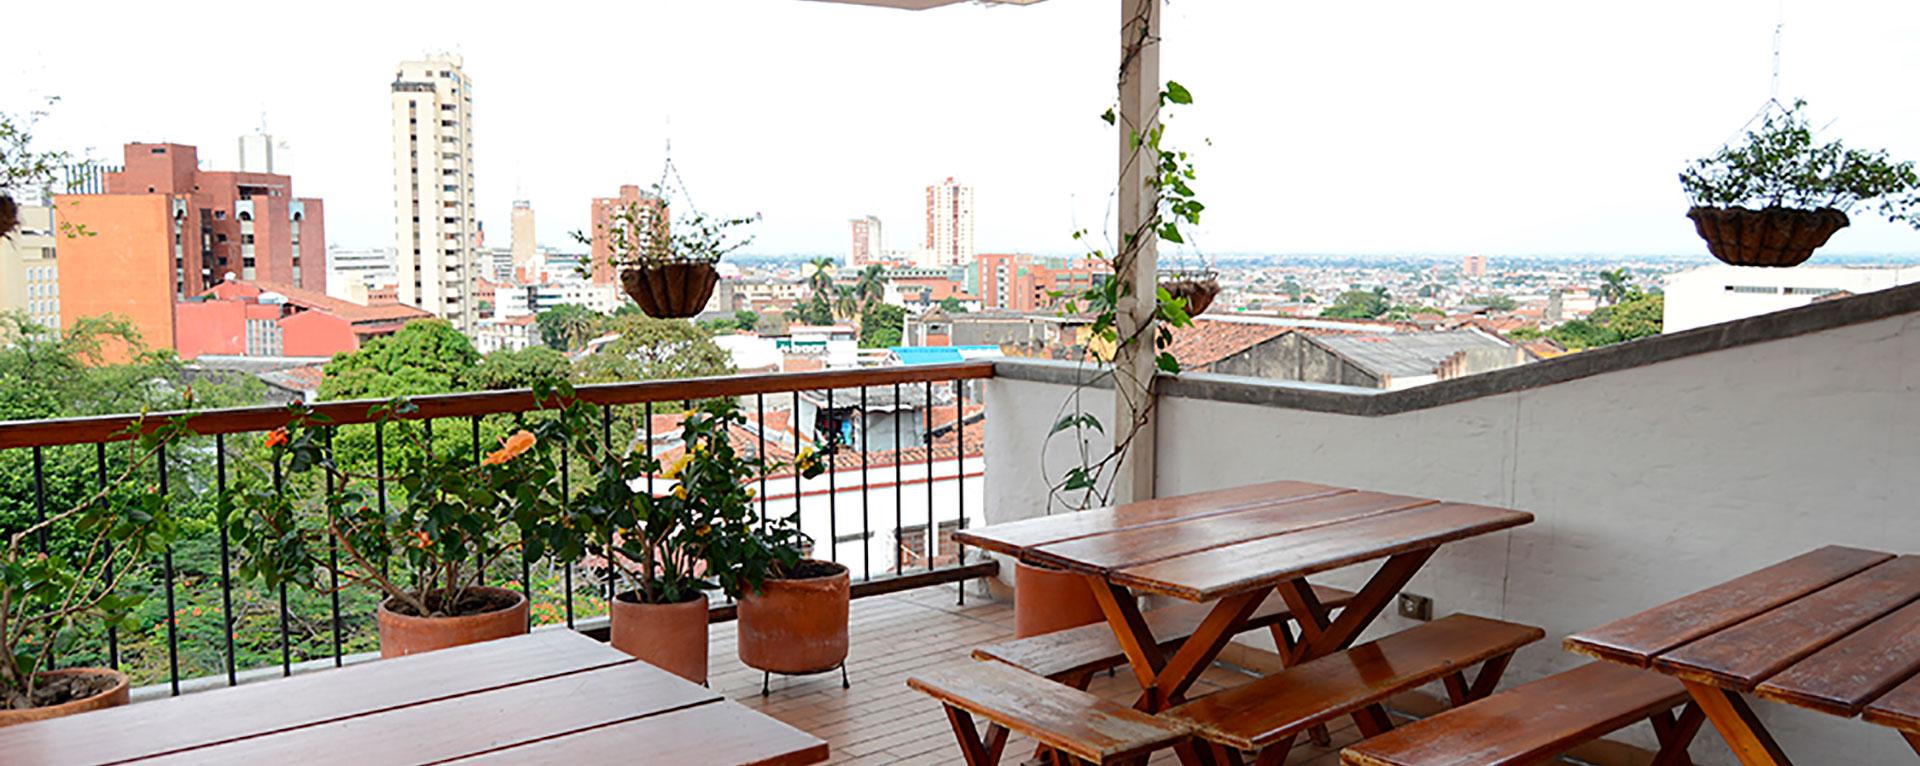 centrodenegocios-terraza